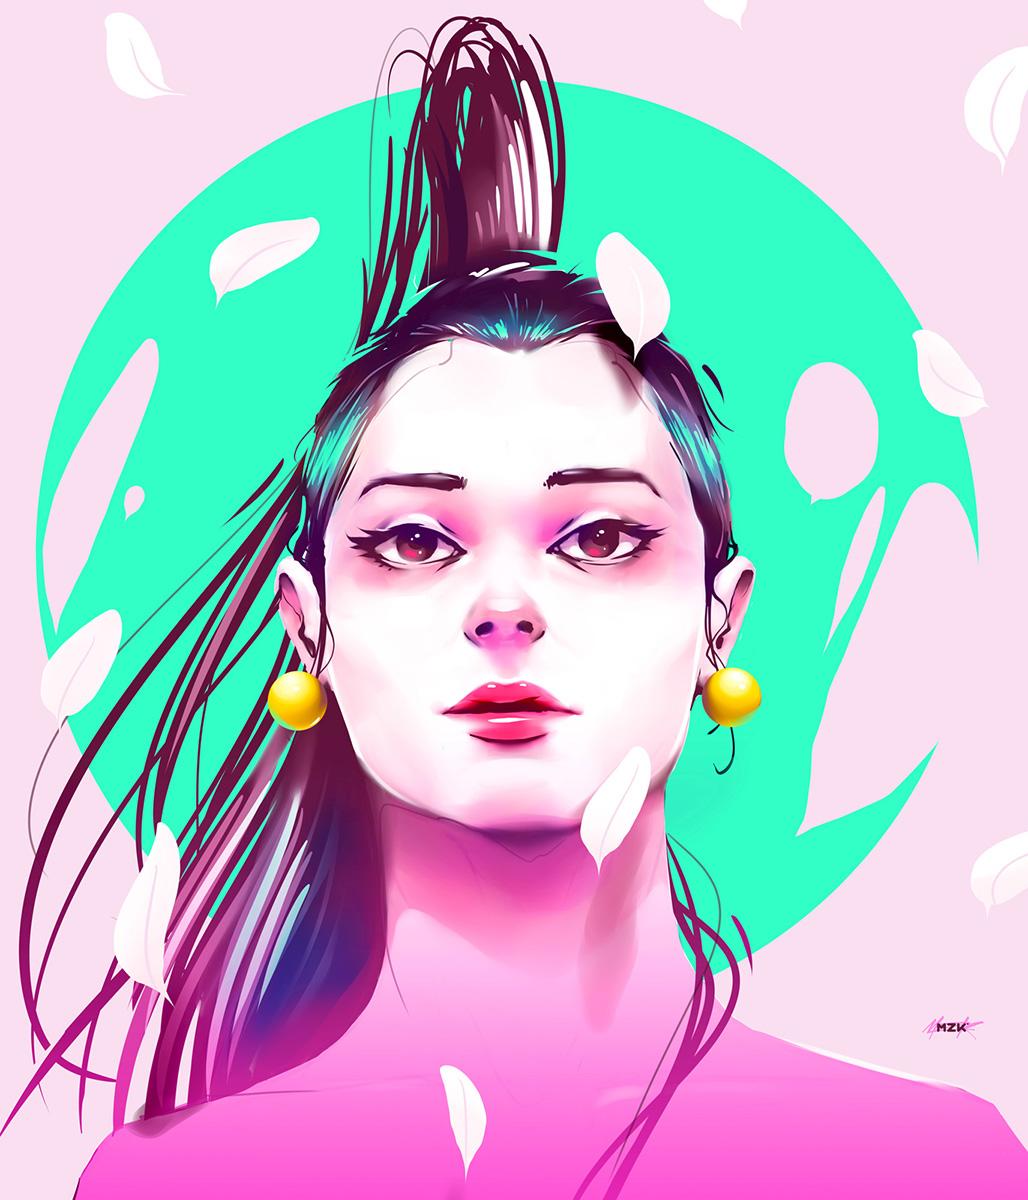 PINK-series-girl2-01